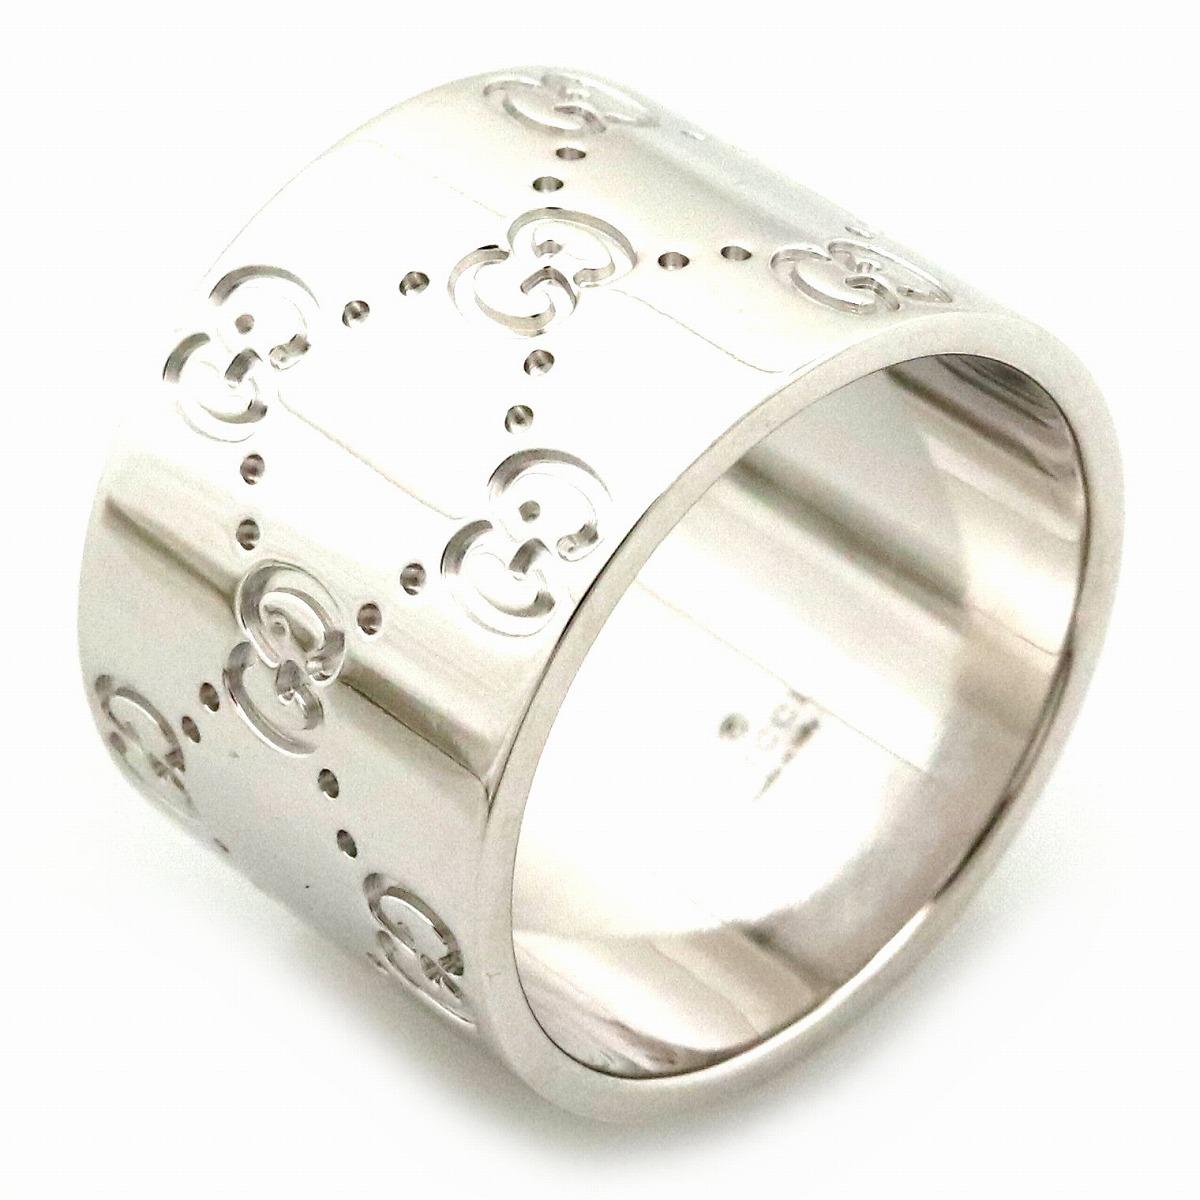 【ジュエリー】【新品仕上げ済】GUCCI グッチ アイコンリング ワイド メンズ GGリング 指輪 K18WG 750WG ホワイトゴールド 17号 #17 【中古】